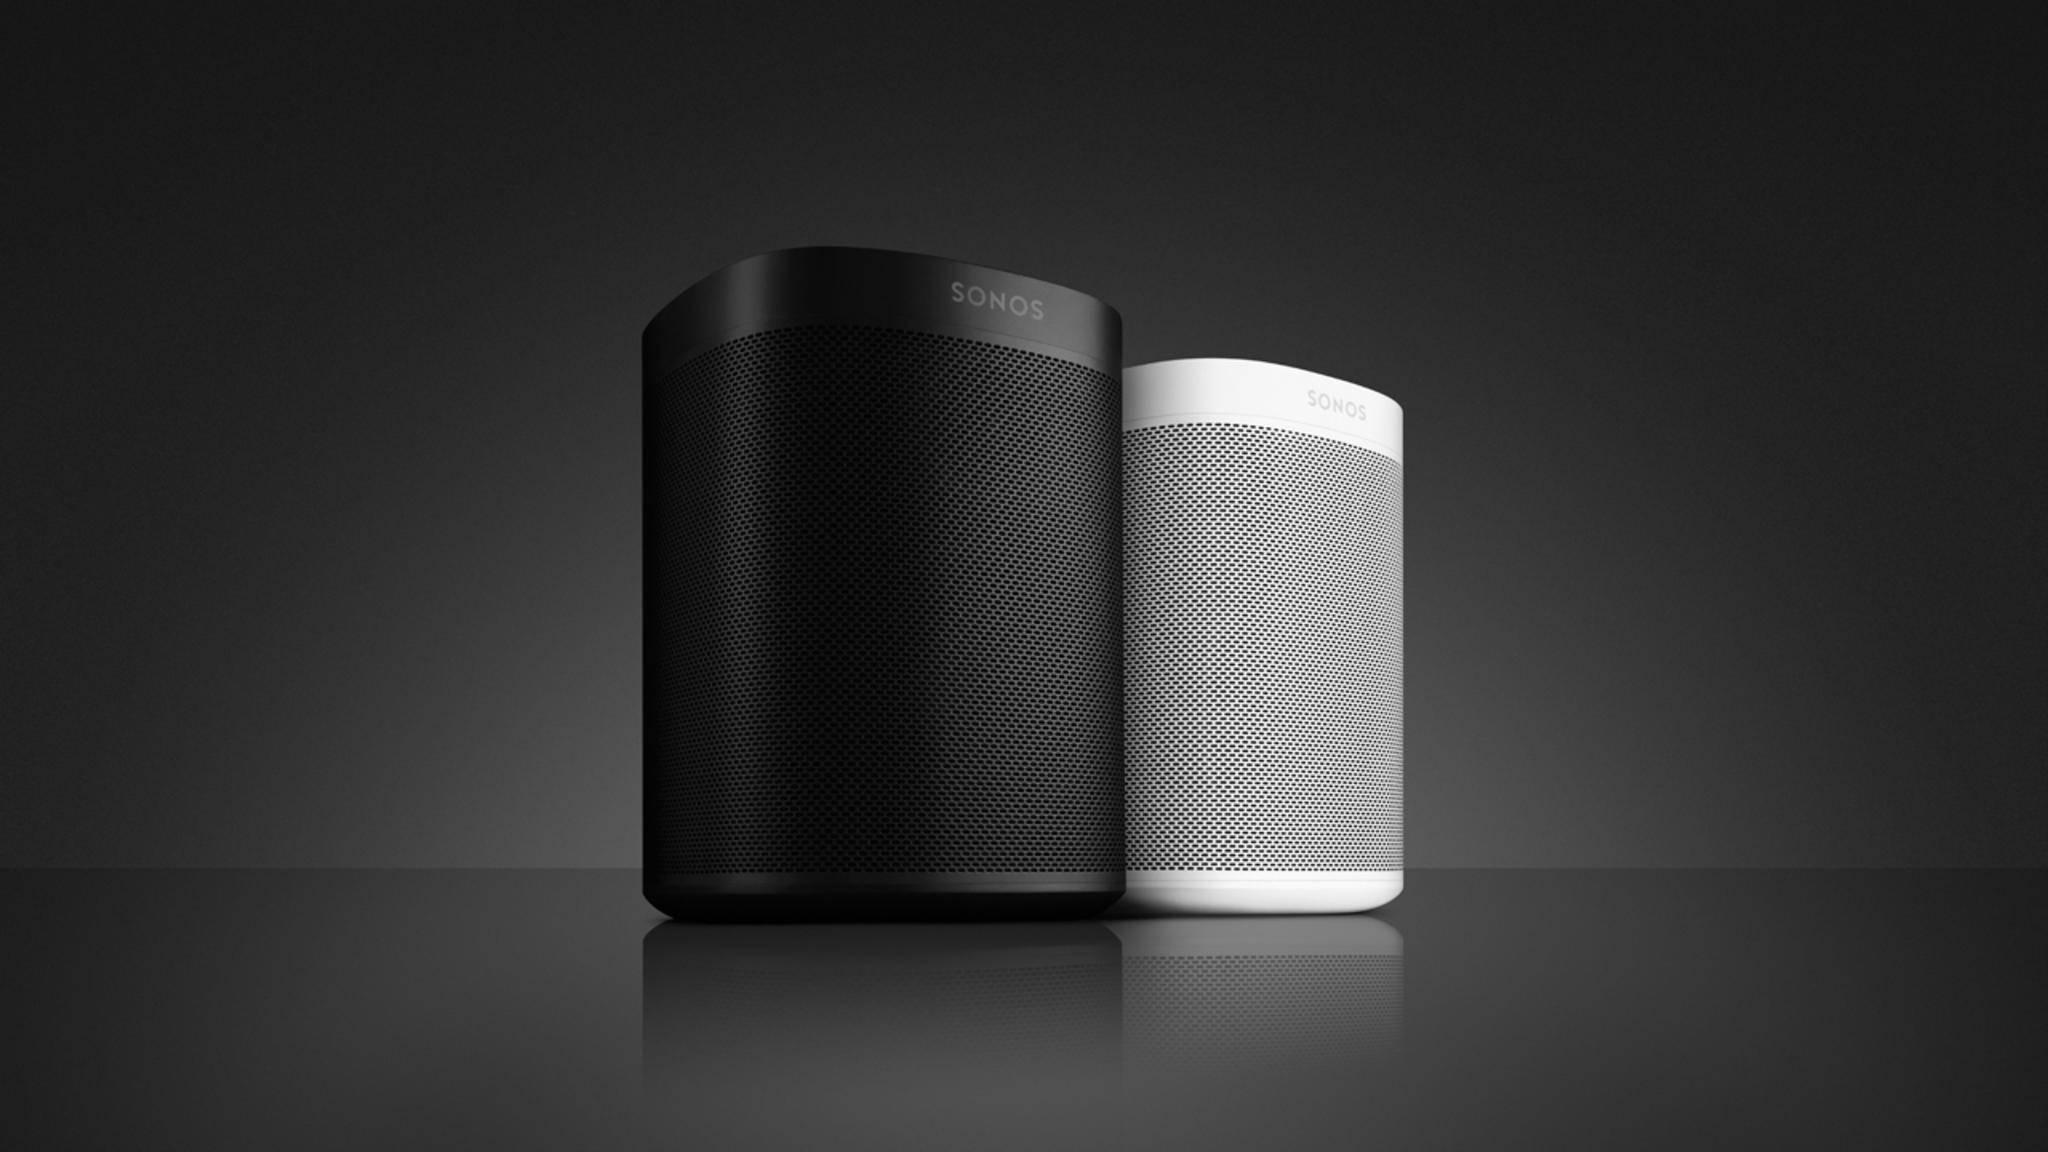 Der Sonos One ist ab sofort auch die Heimat des Google Assistant.